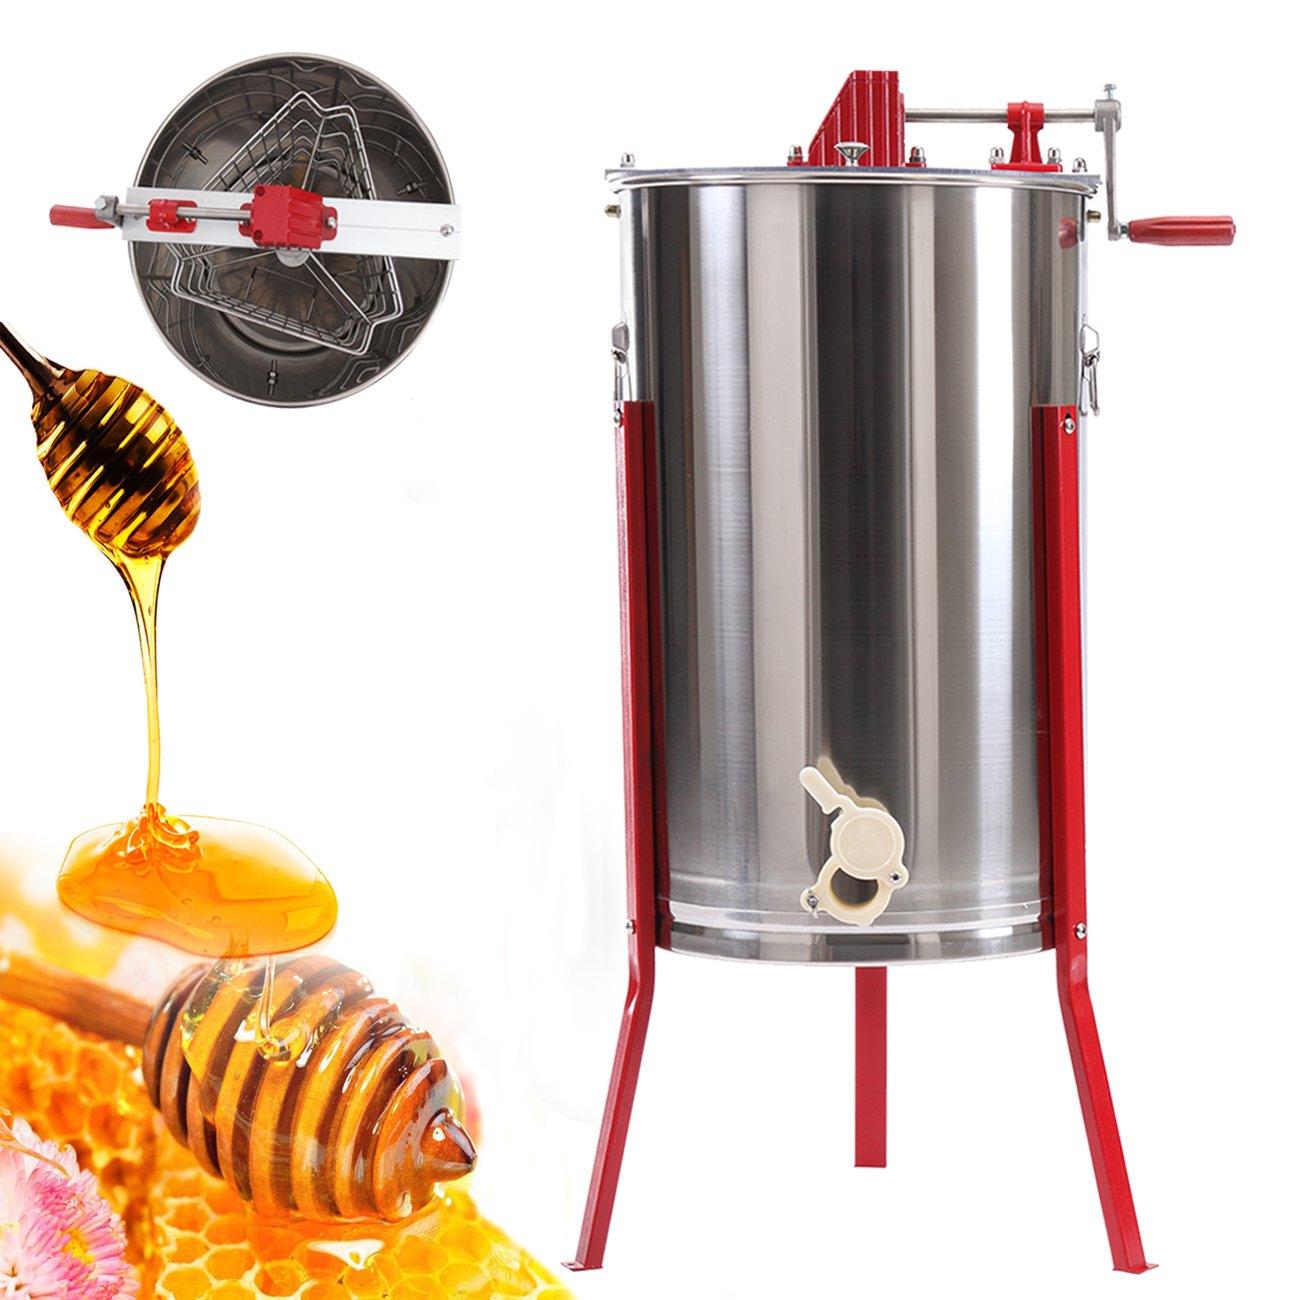 Ridgeyard Pro 3 Frame Manual Stainless Steel Bee Honey Extractor Beekeeping Equipment Honey Oil